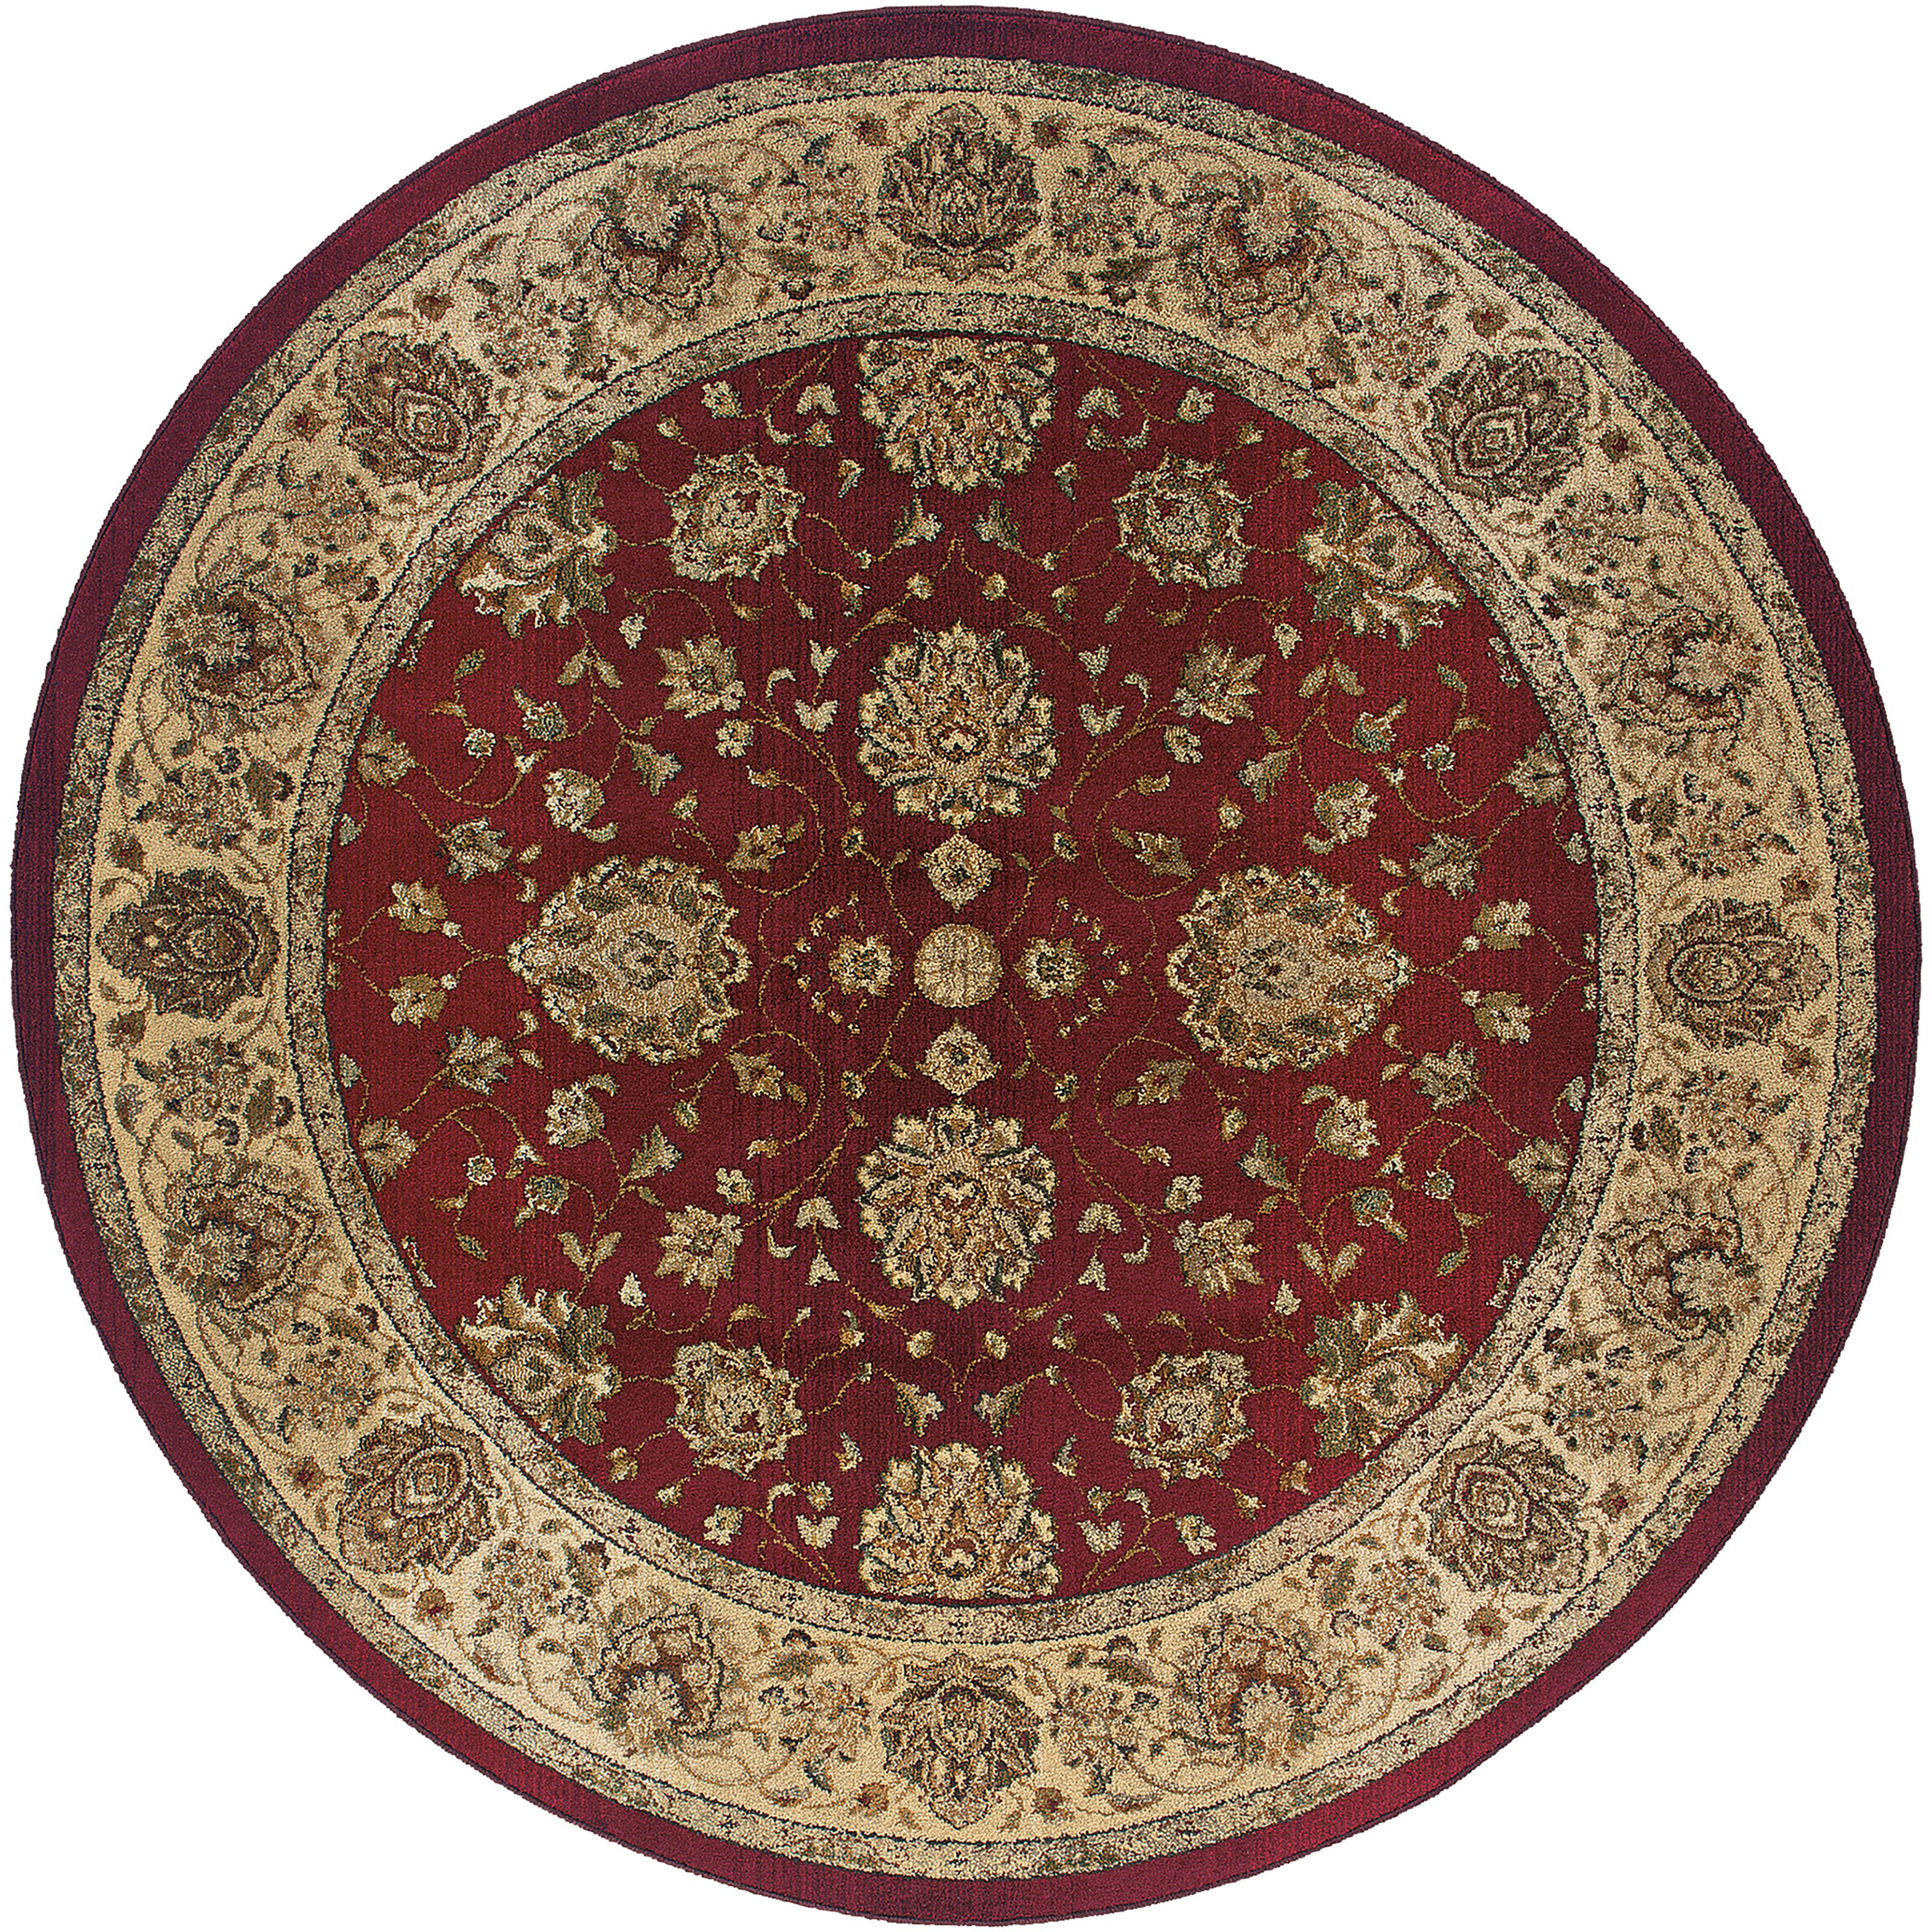 Oriental Weavers Genesis 6' Rug - Item Number: G035R1180180ST